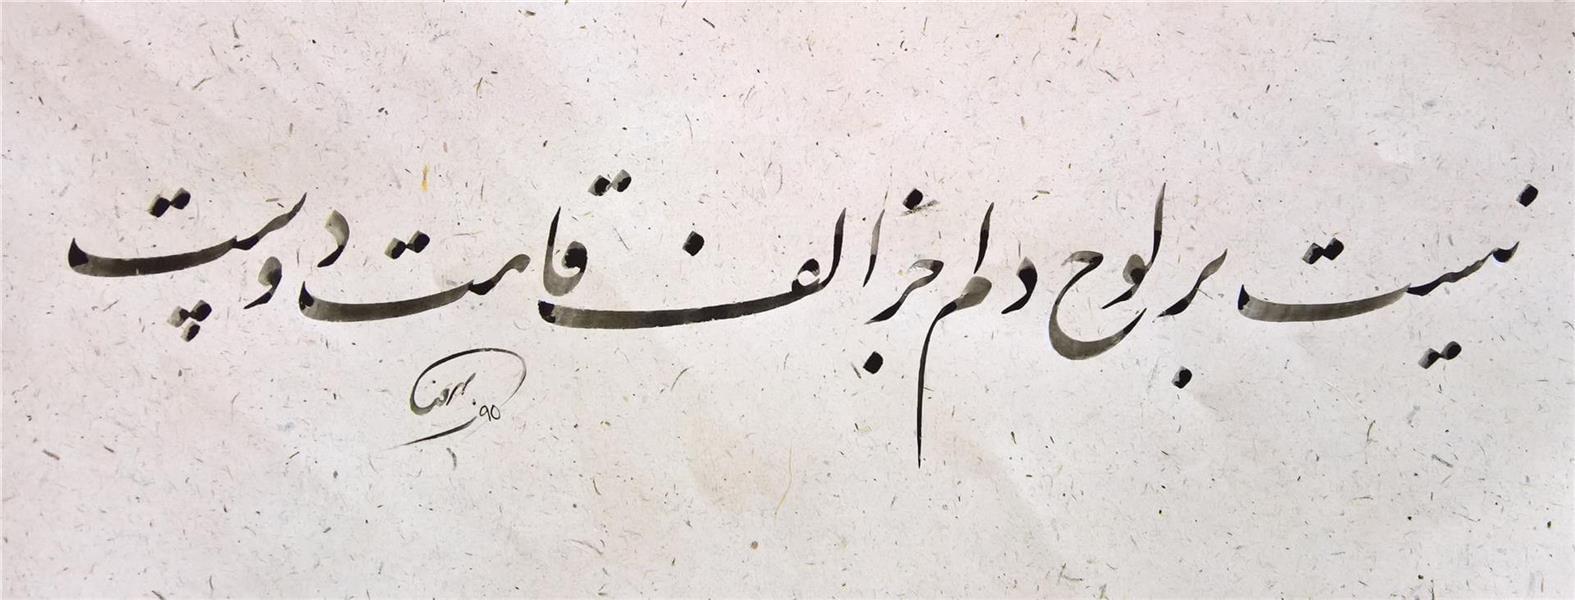 هنر خوشنویسی نیست بر لوح دلم جز الف قامت دوست khashayarbehrooz